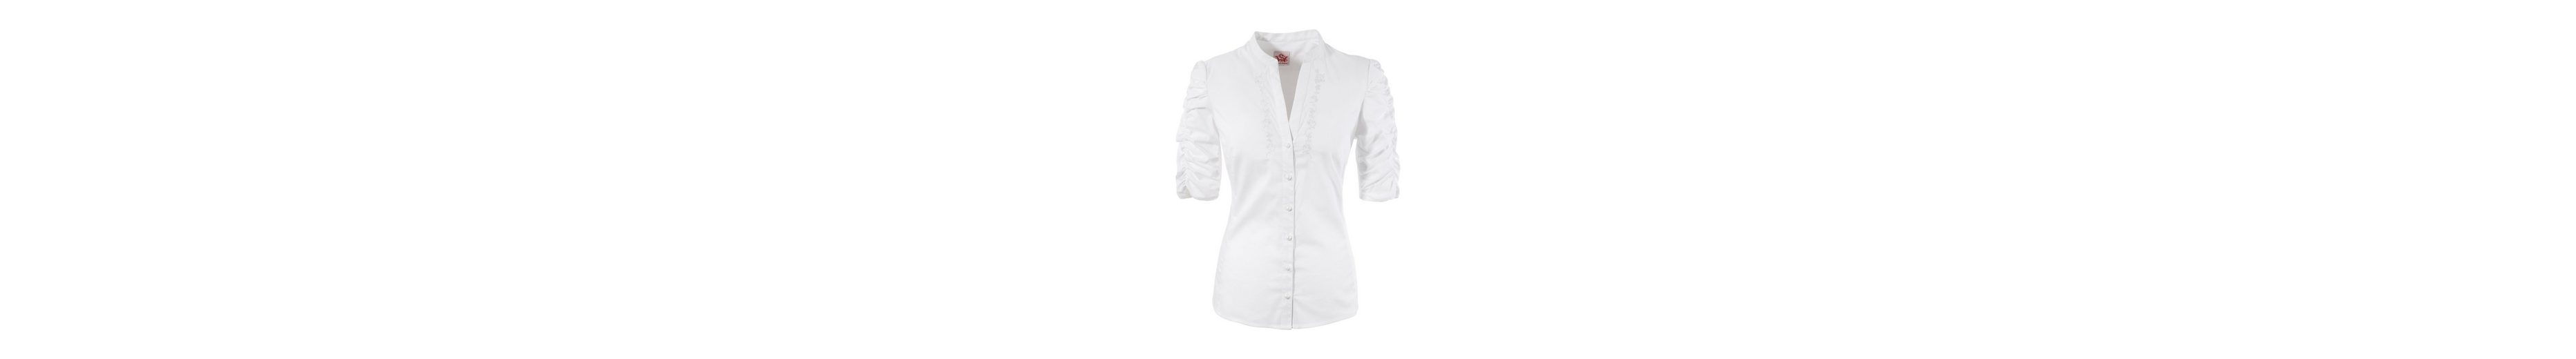 Großer Rabatt Zum Verkauf Günstig Kaufen Mode-Stil Spieth & Wenksky Trachtenbluse Damen mit Stickerei Ipf3m